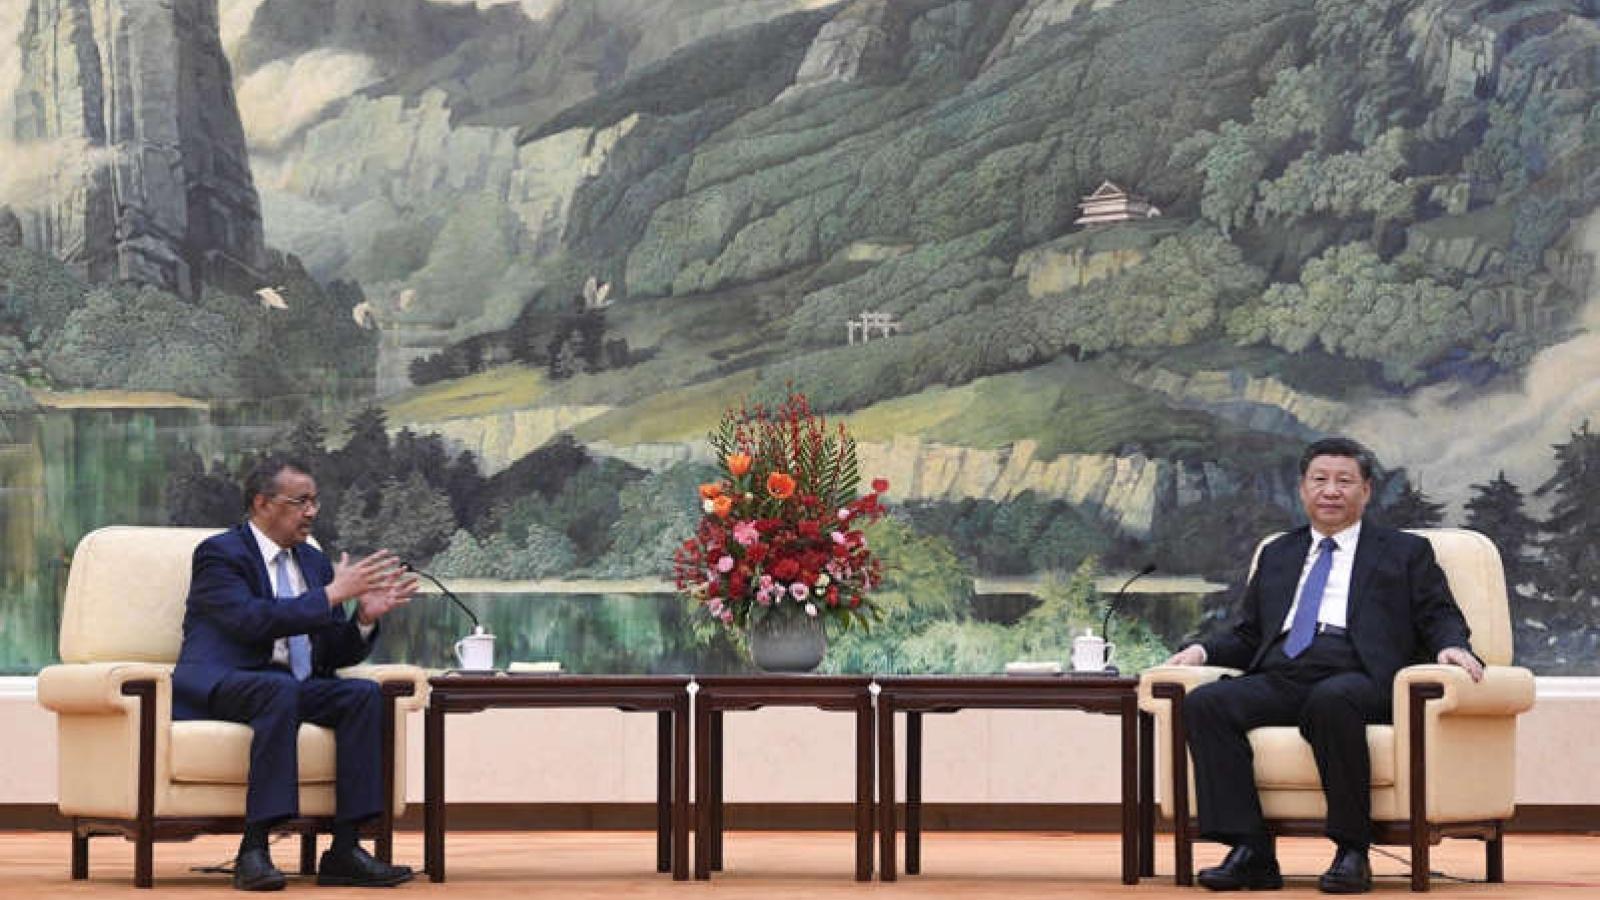 Trung Quốc phản đối WHO tiến hành cuộc điều tra thứ hai về nguồn gốc Covid-19